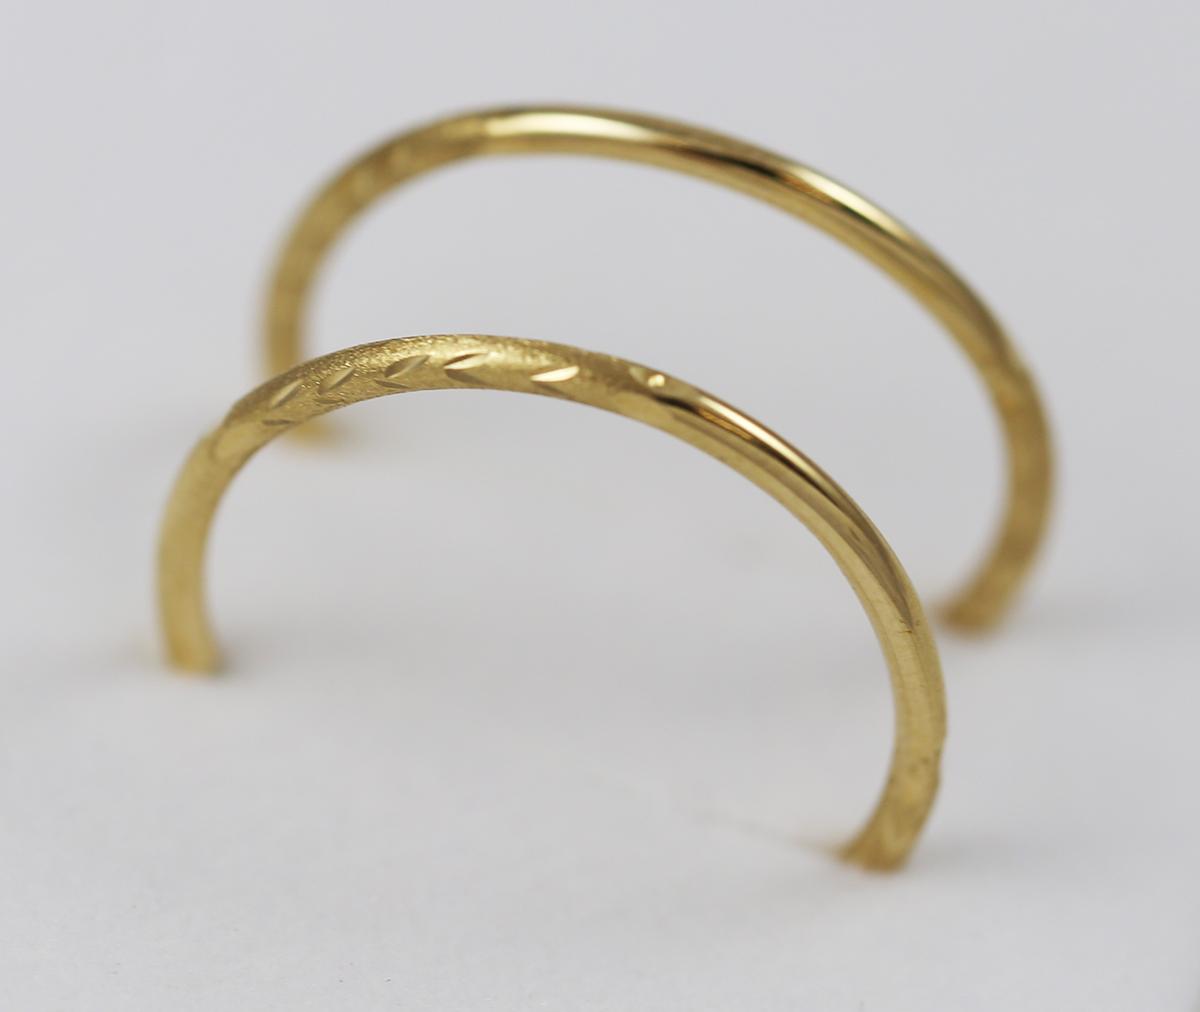 01bad4a5f Zlaté náušnice kruhy ozdobené matováním a vrypy - Zastavárna a Bazar ...